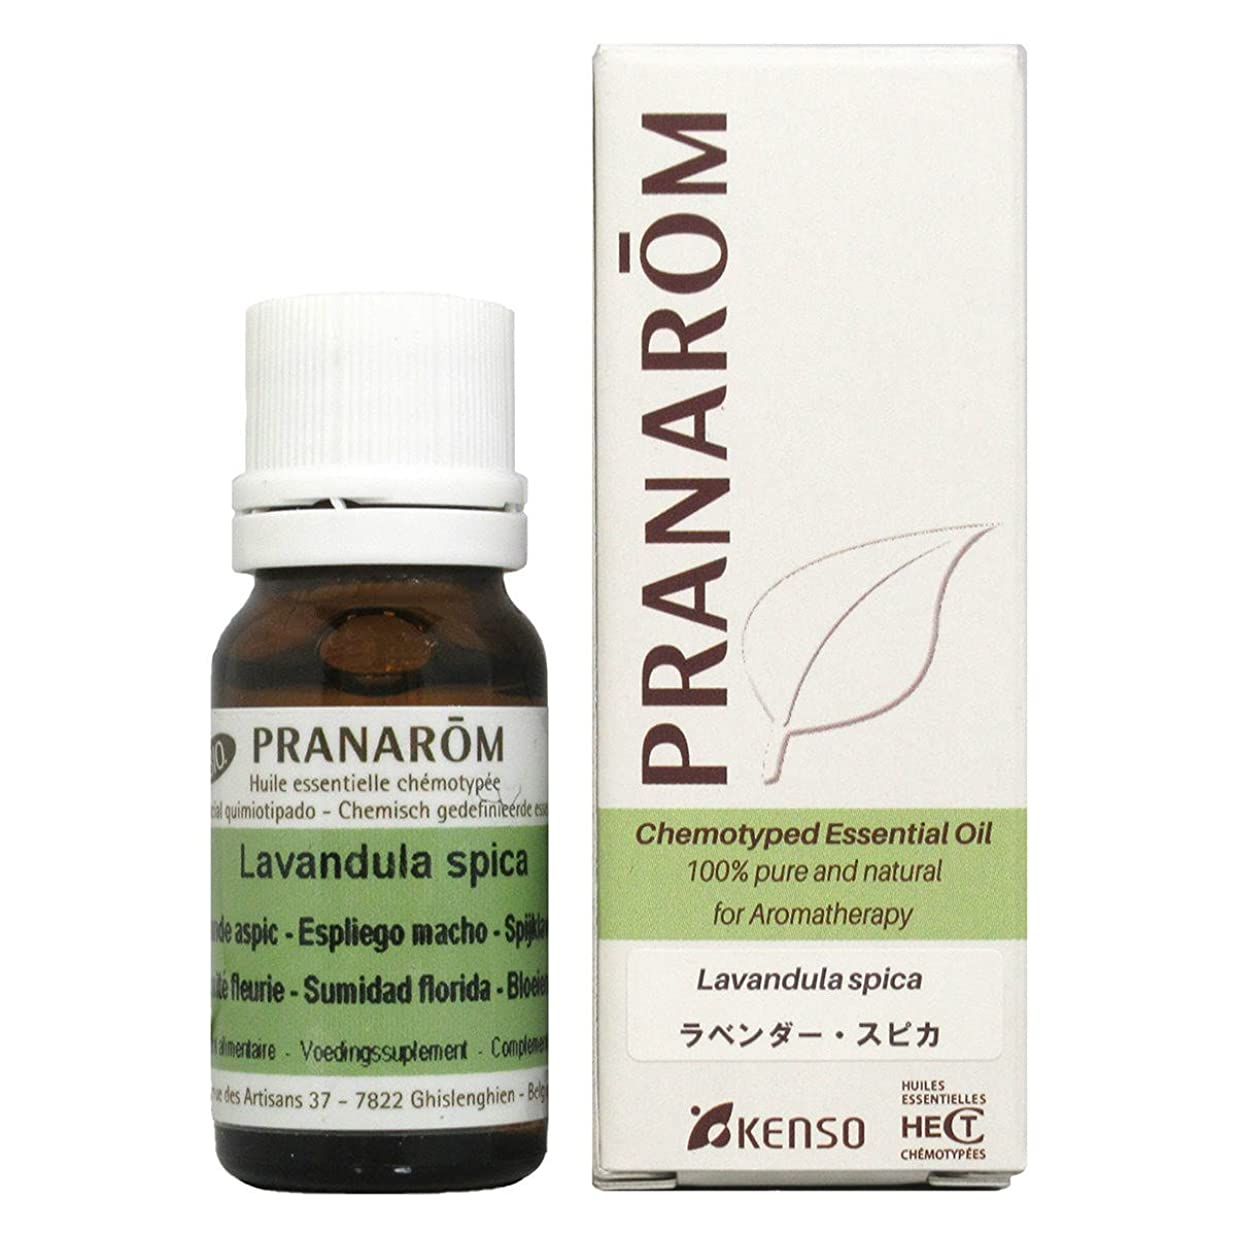 放射能いまびっくりしたプラナロム ラベンダースピカ 10ml (PRANAROM ケモタイプ精油)